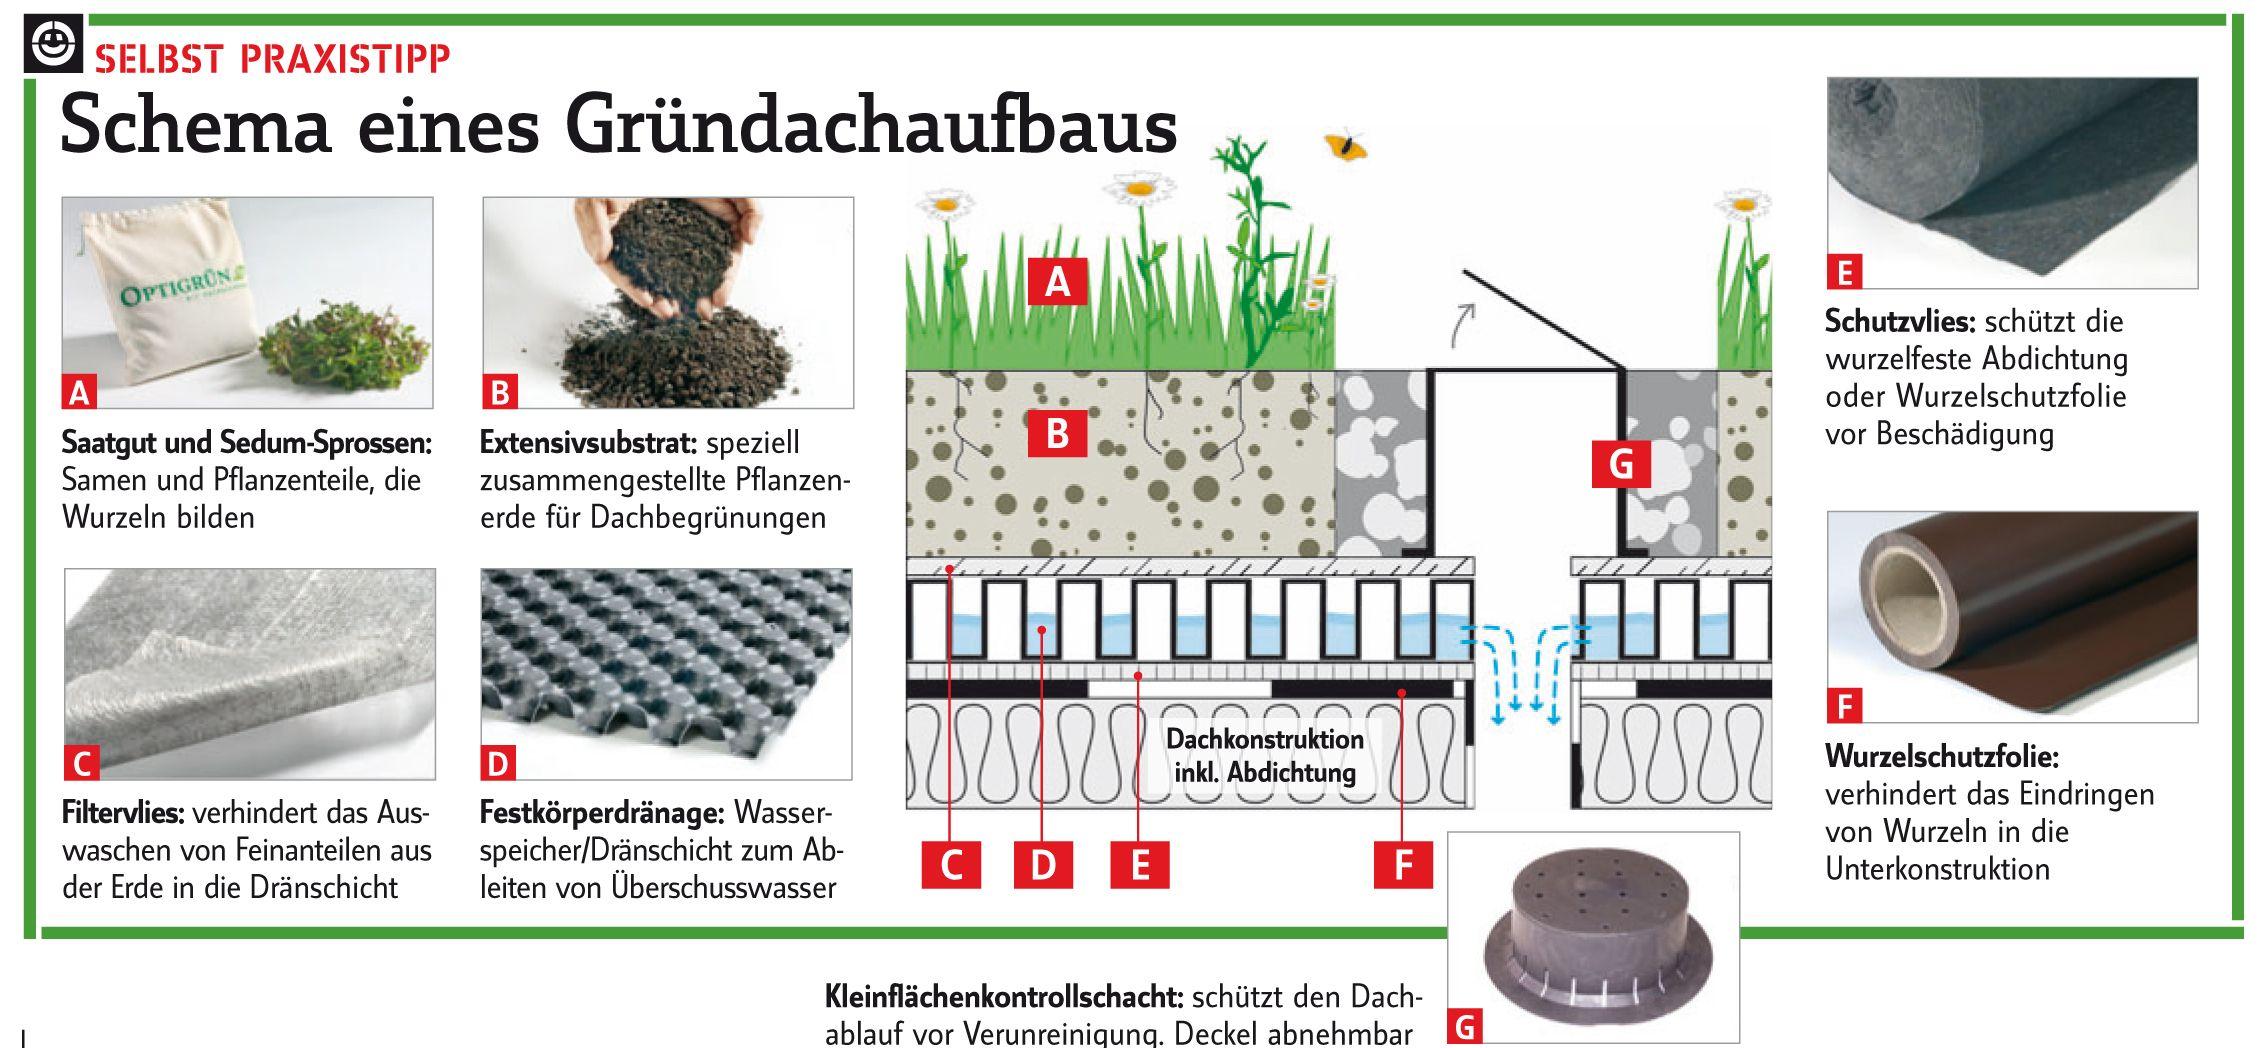 gartenhaus mit gründach selber bauen   ihrer umgebu gründächer